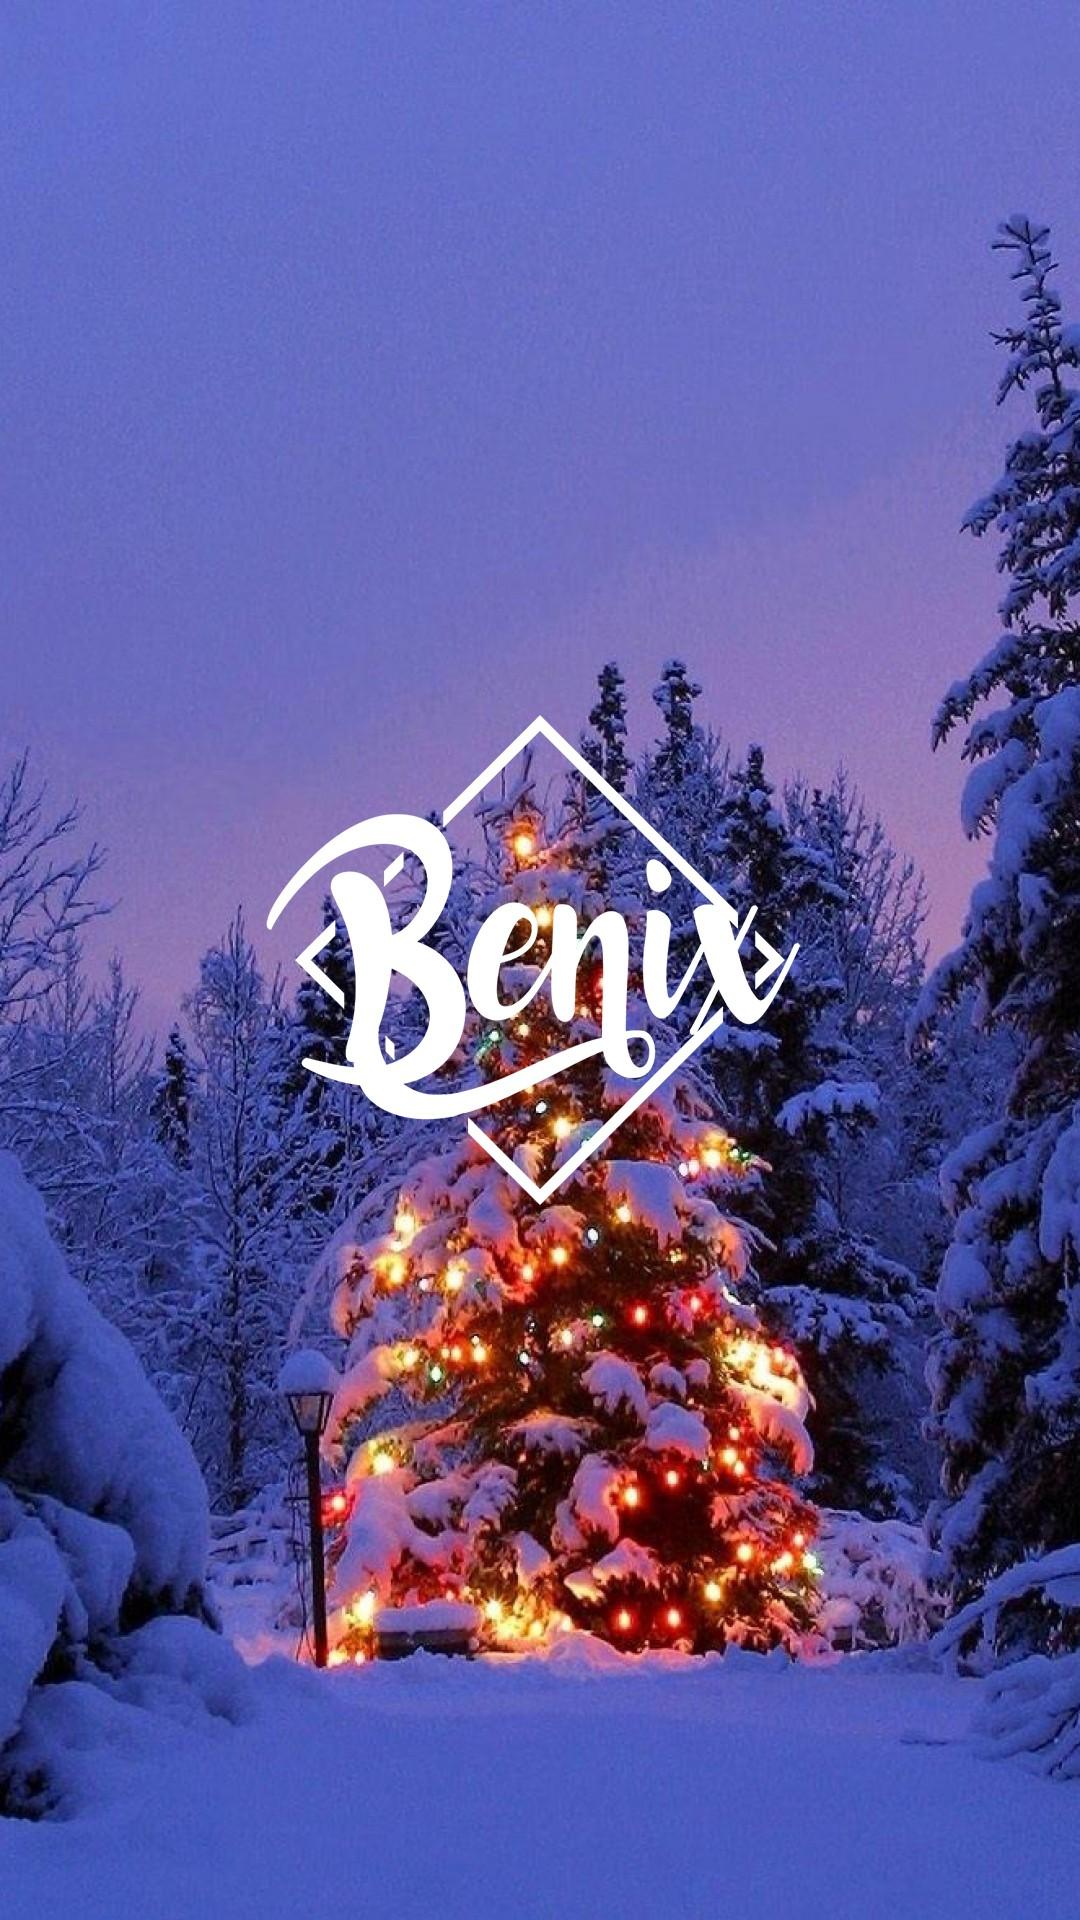 デスクトップ壁紙 雪 冬 クリスマスツリー モミ 電話の壁紙 木